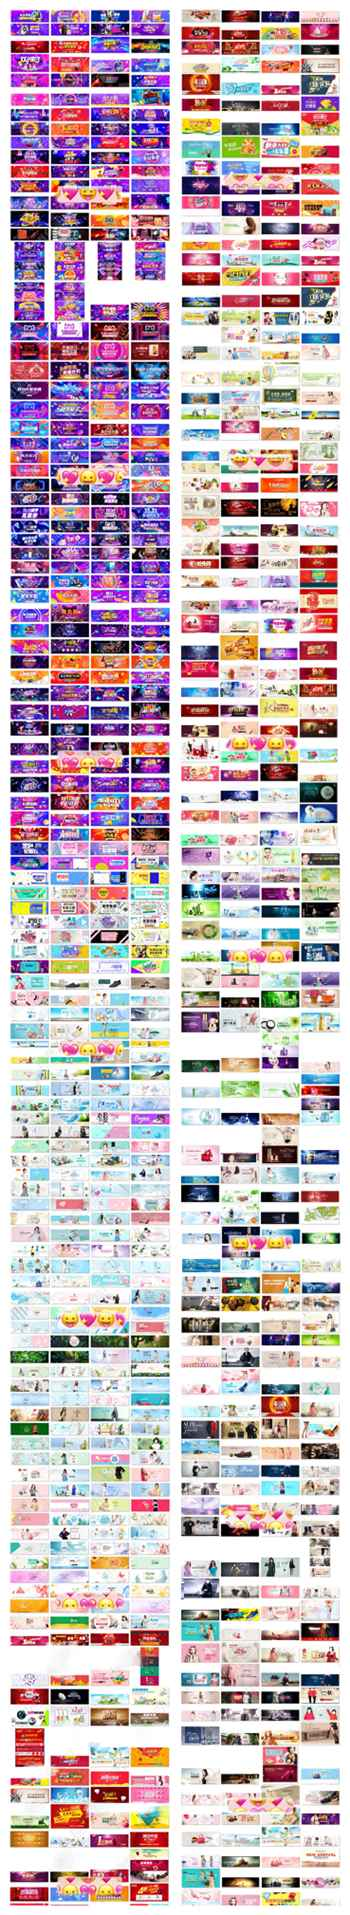 网站横幅banner轮播电商海报PSD背景图素材模板分享2088套插图1